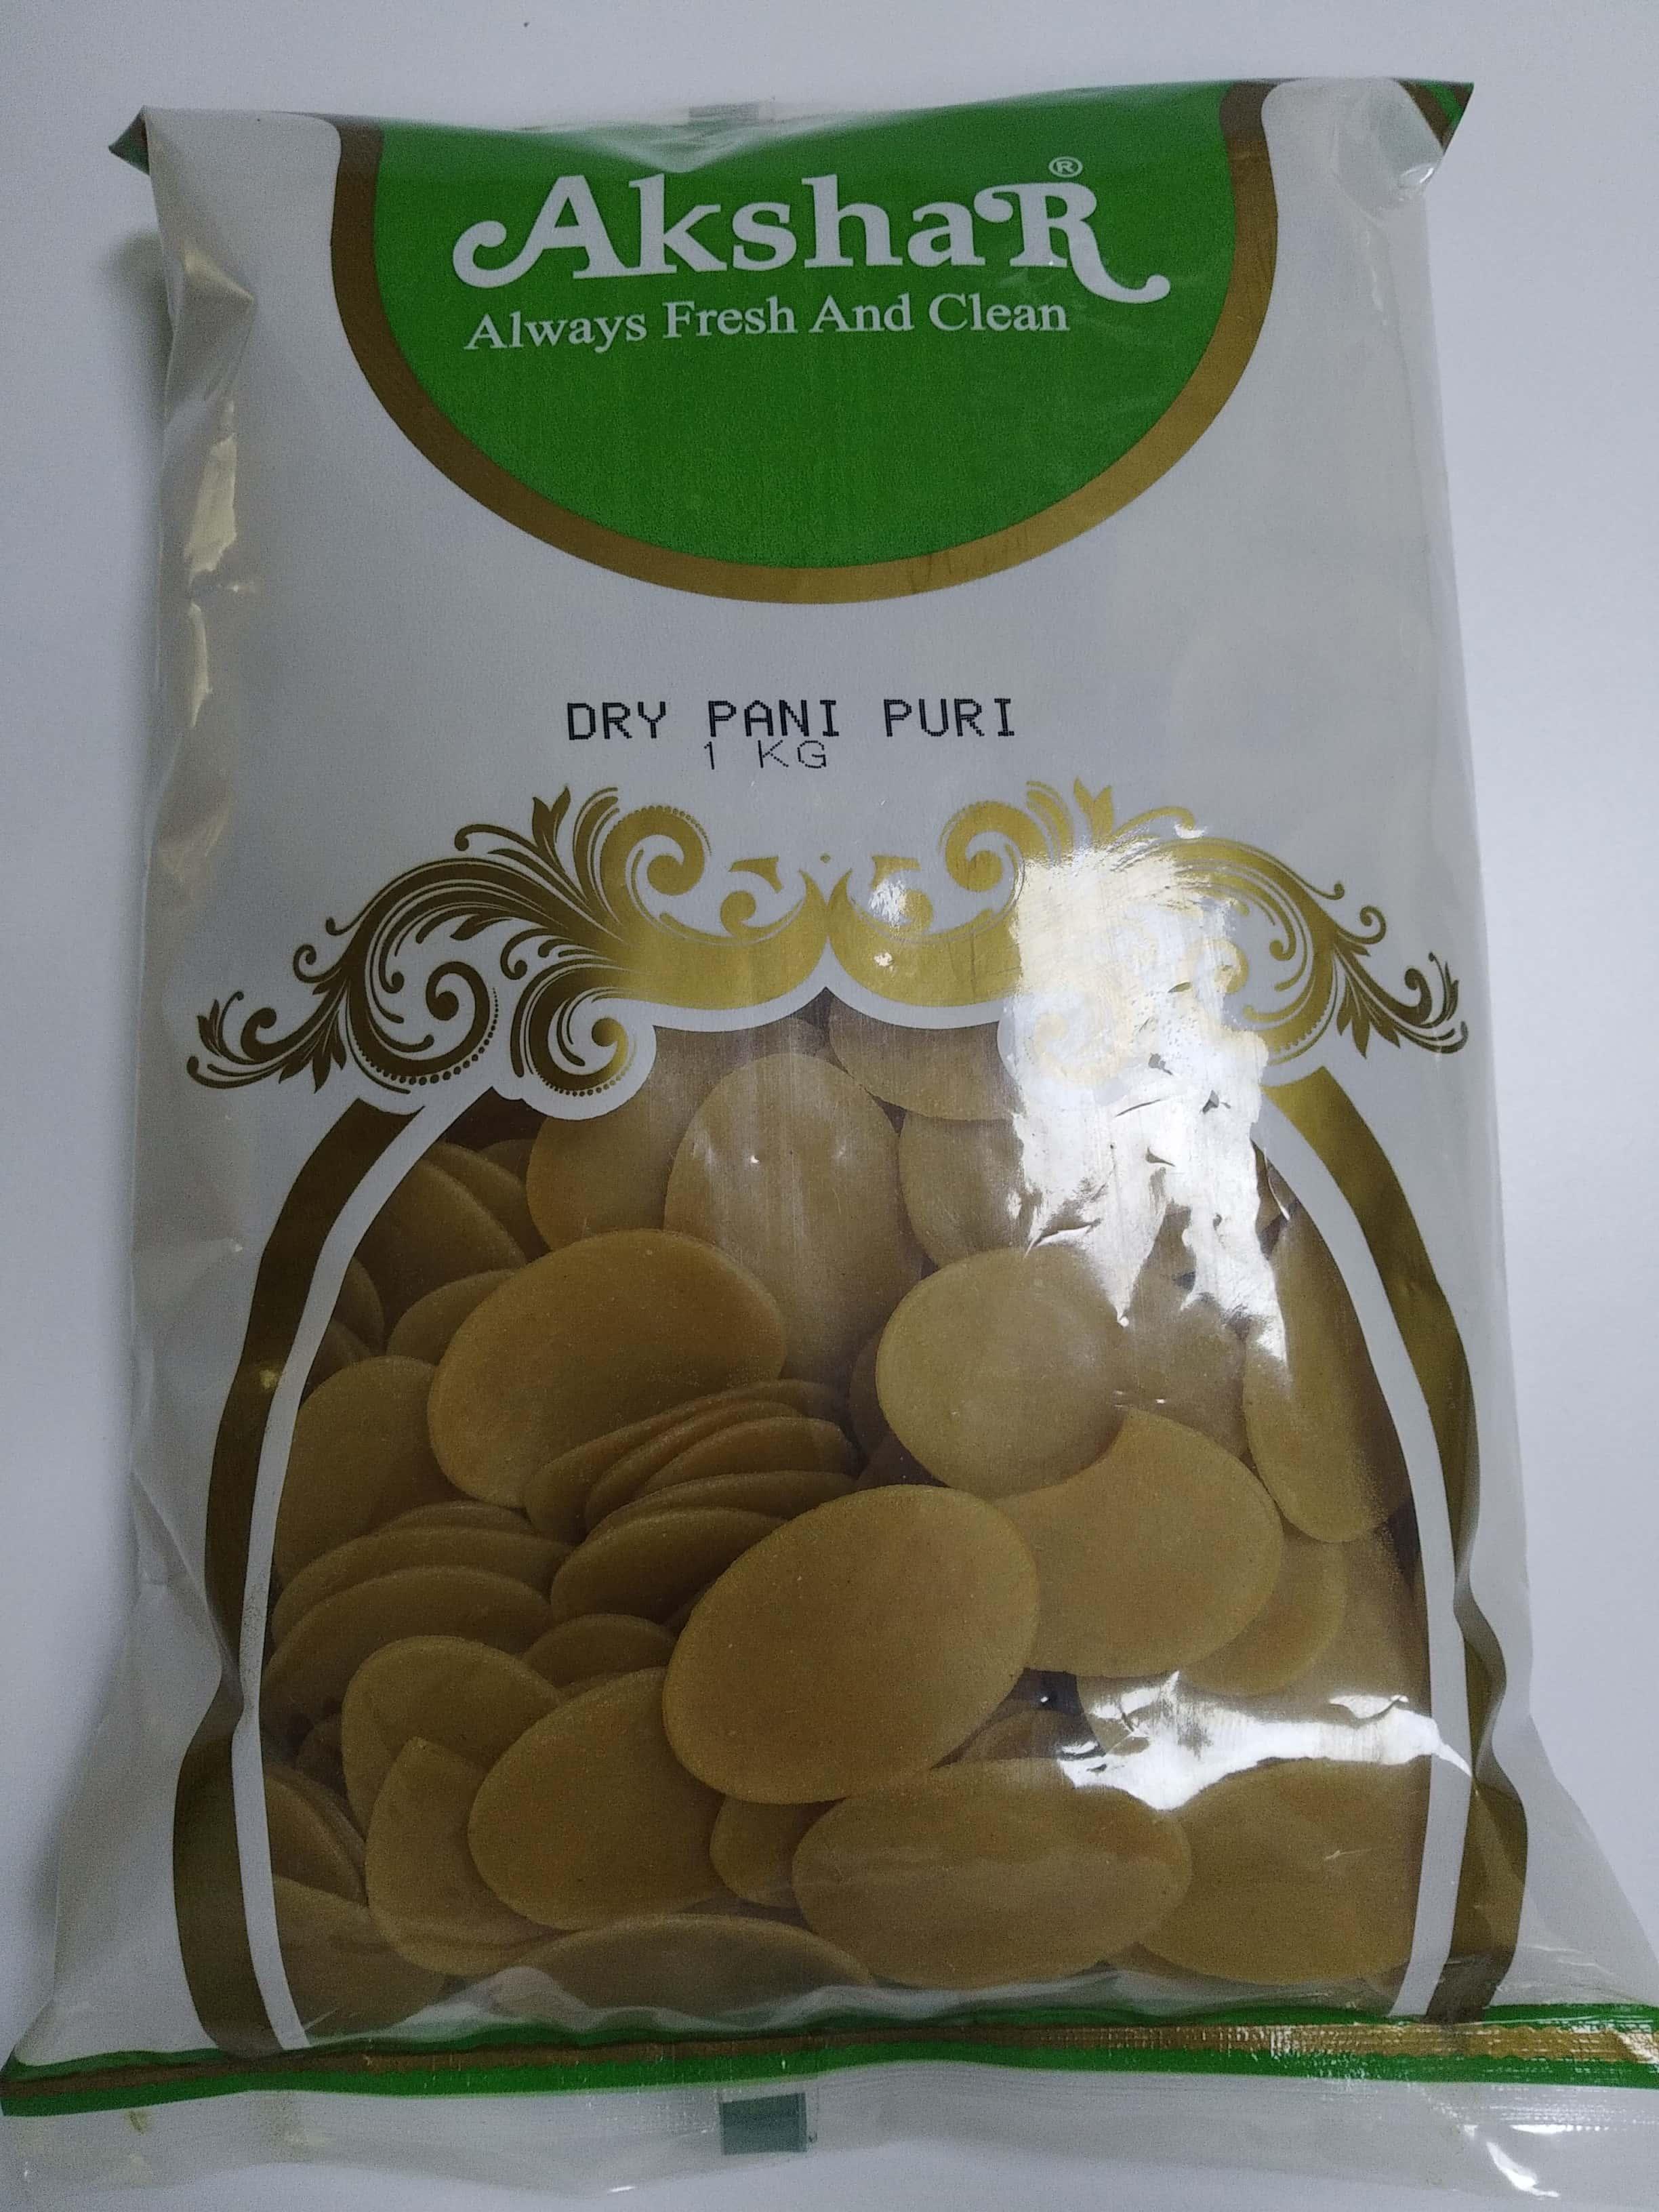 DRY PANI PURI (FOR FRY)